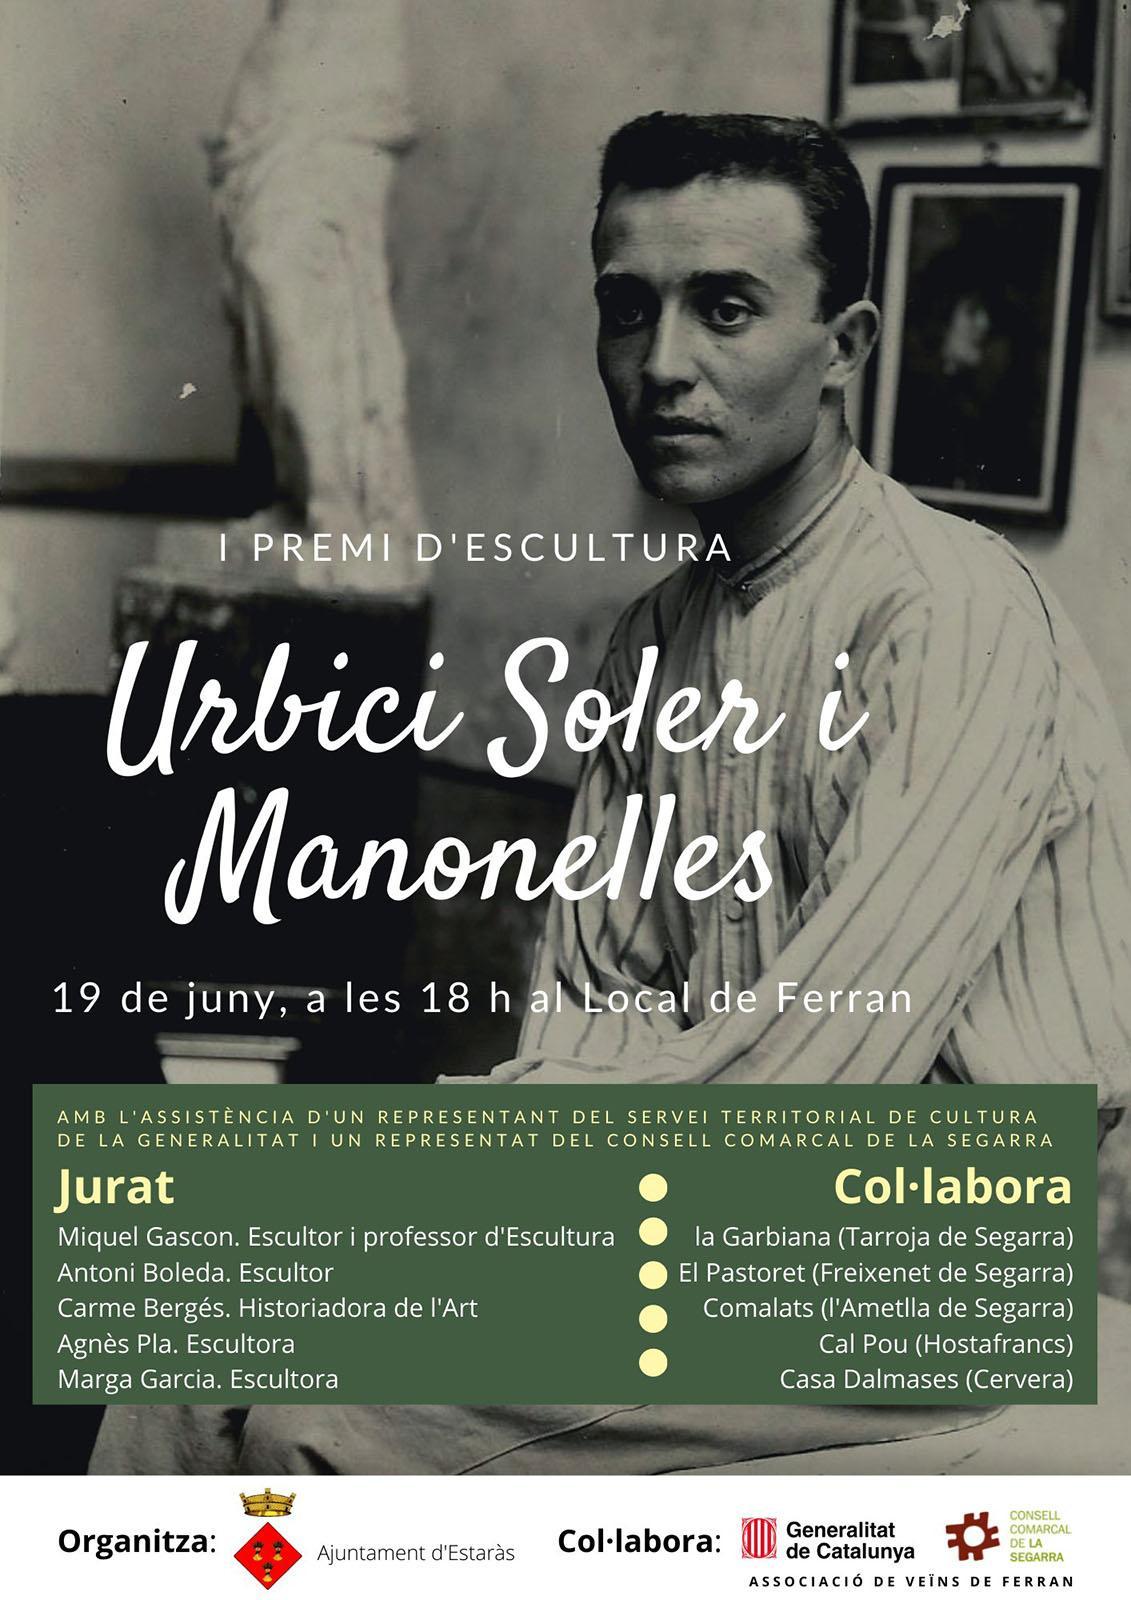 cartell Entrega del I Premi d'escultura Urbici Soler